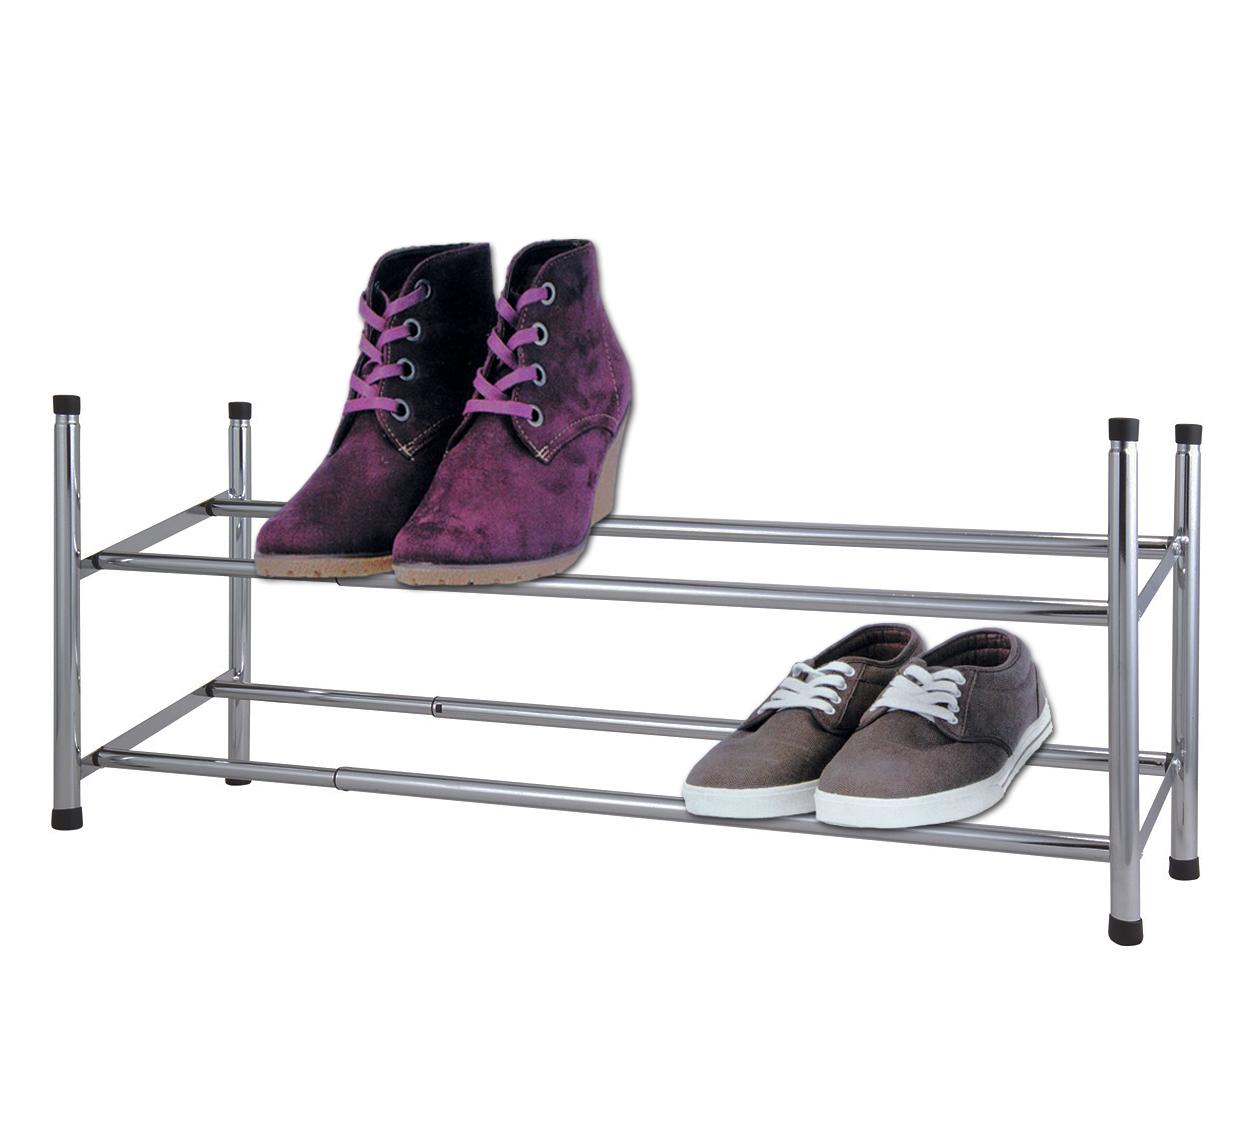 Stapelbare und ausziehbare Schuhregal bis zu 24 paar Schuhe auf 4 Ebenen